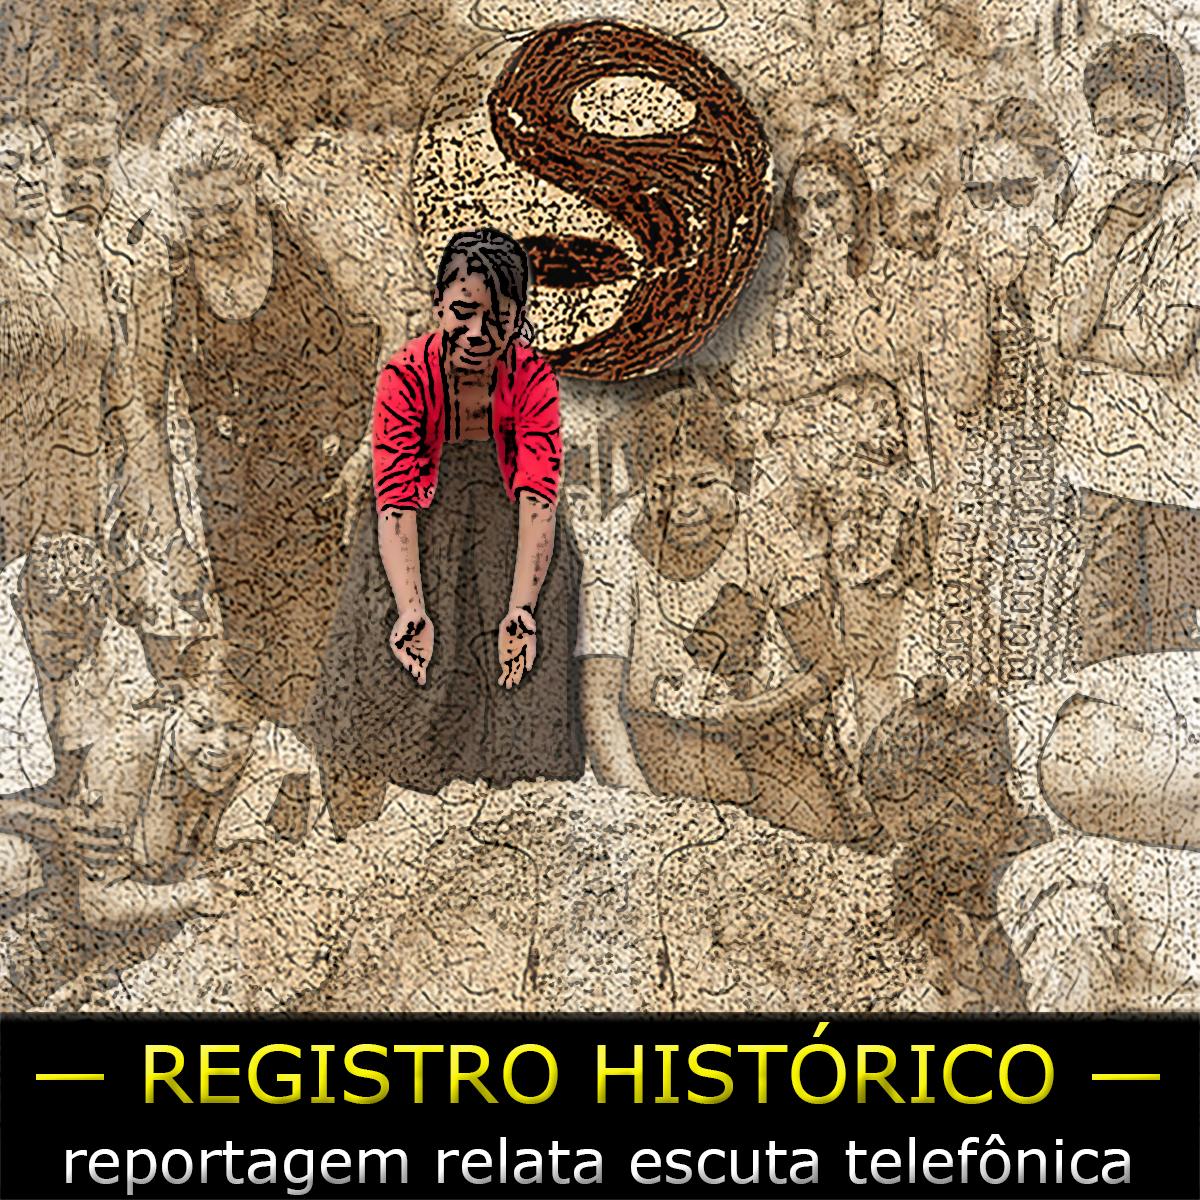 Escuta telefônica do PCC — um registrohistórico